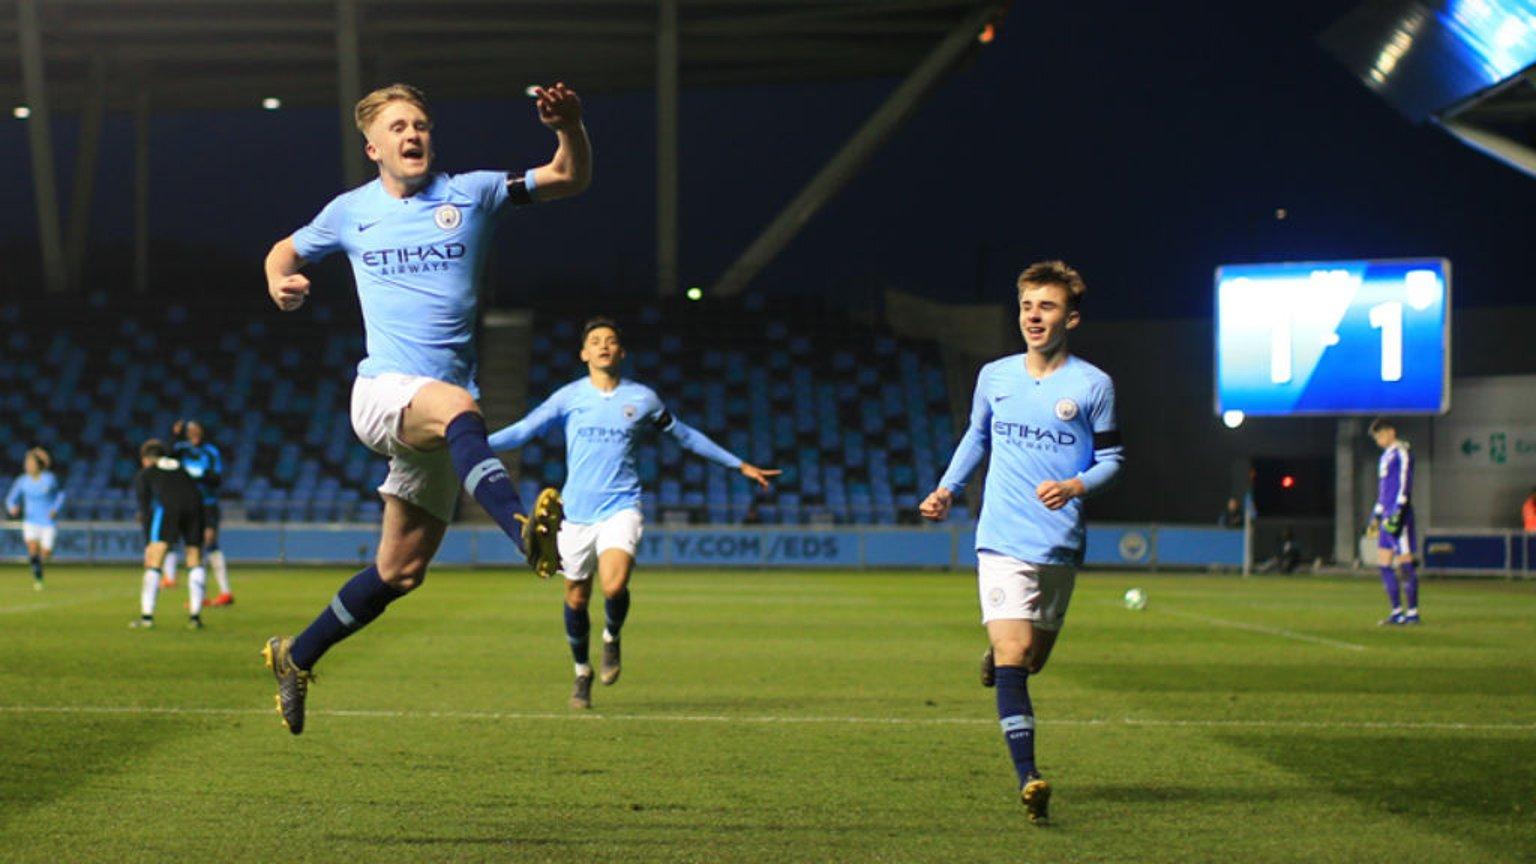 ROCK ON TOMMY: A jubilant Tommy Doyle celebrates his second half strike